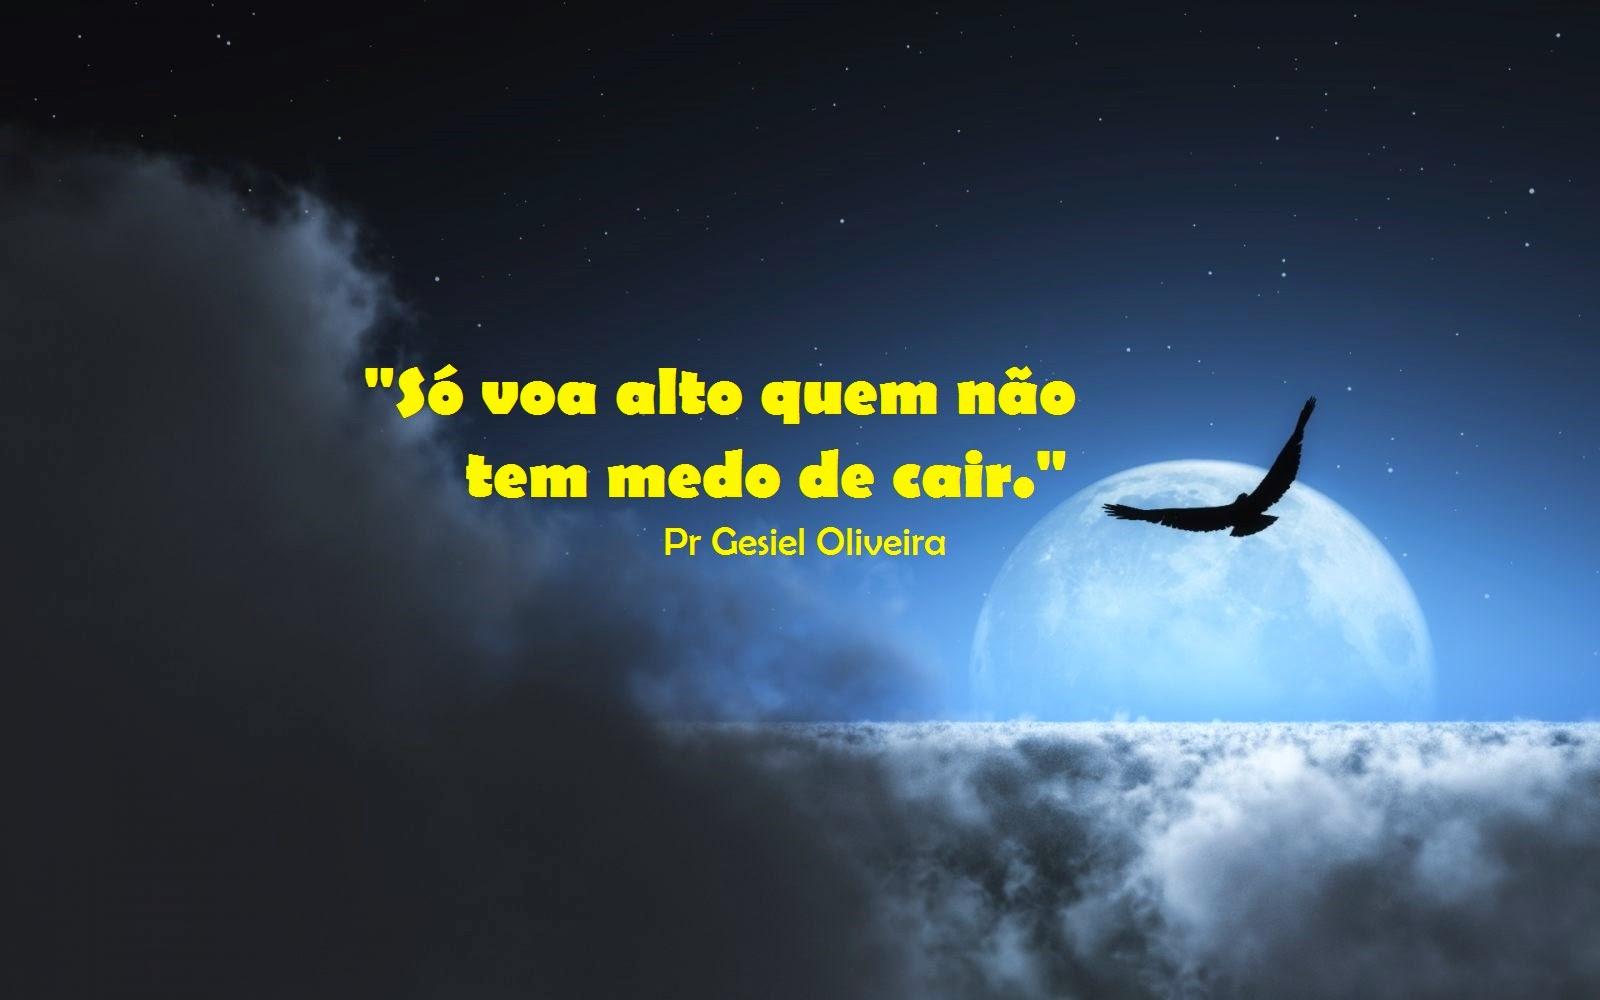 Blog Do Gesiel Oliveira Avante Uma Hora Você Chega Lá Por Gesiel